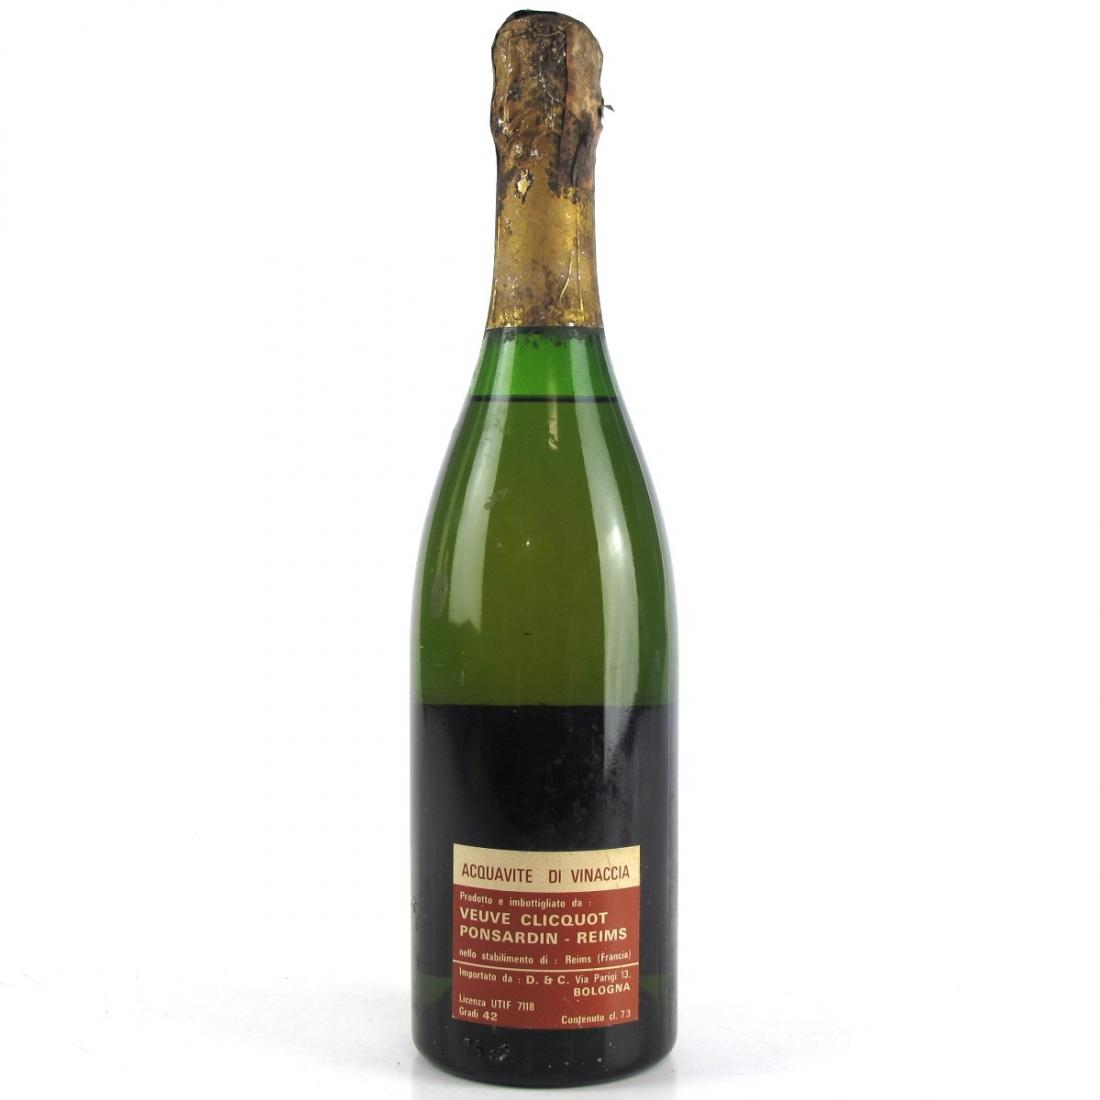 Veuve Clicquot Marc de Champagne